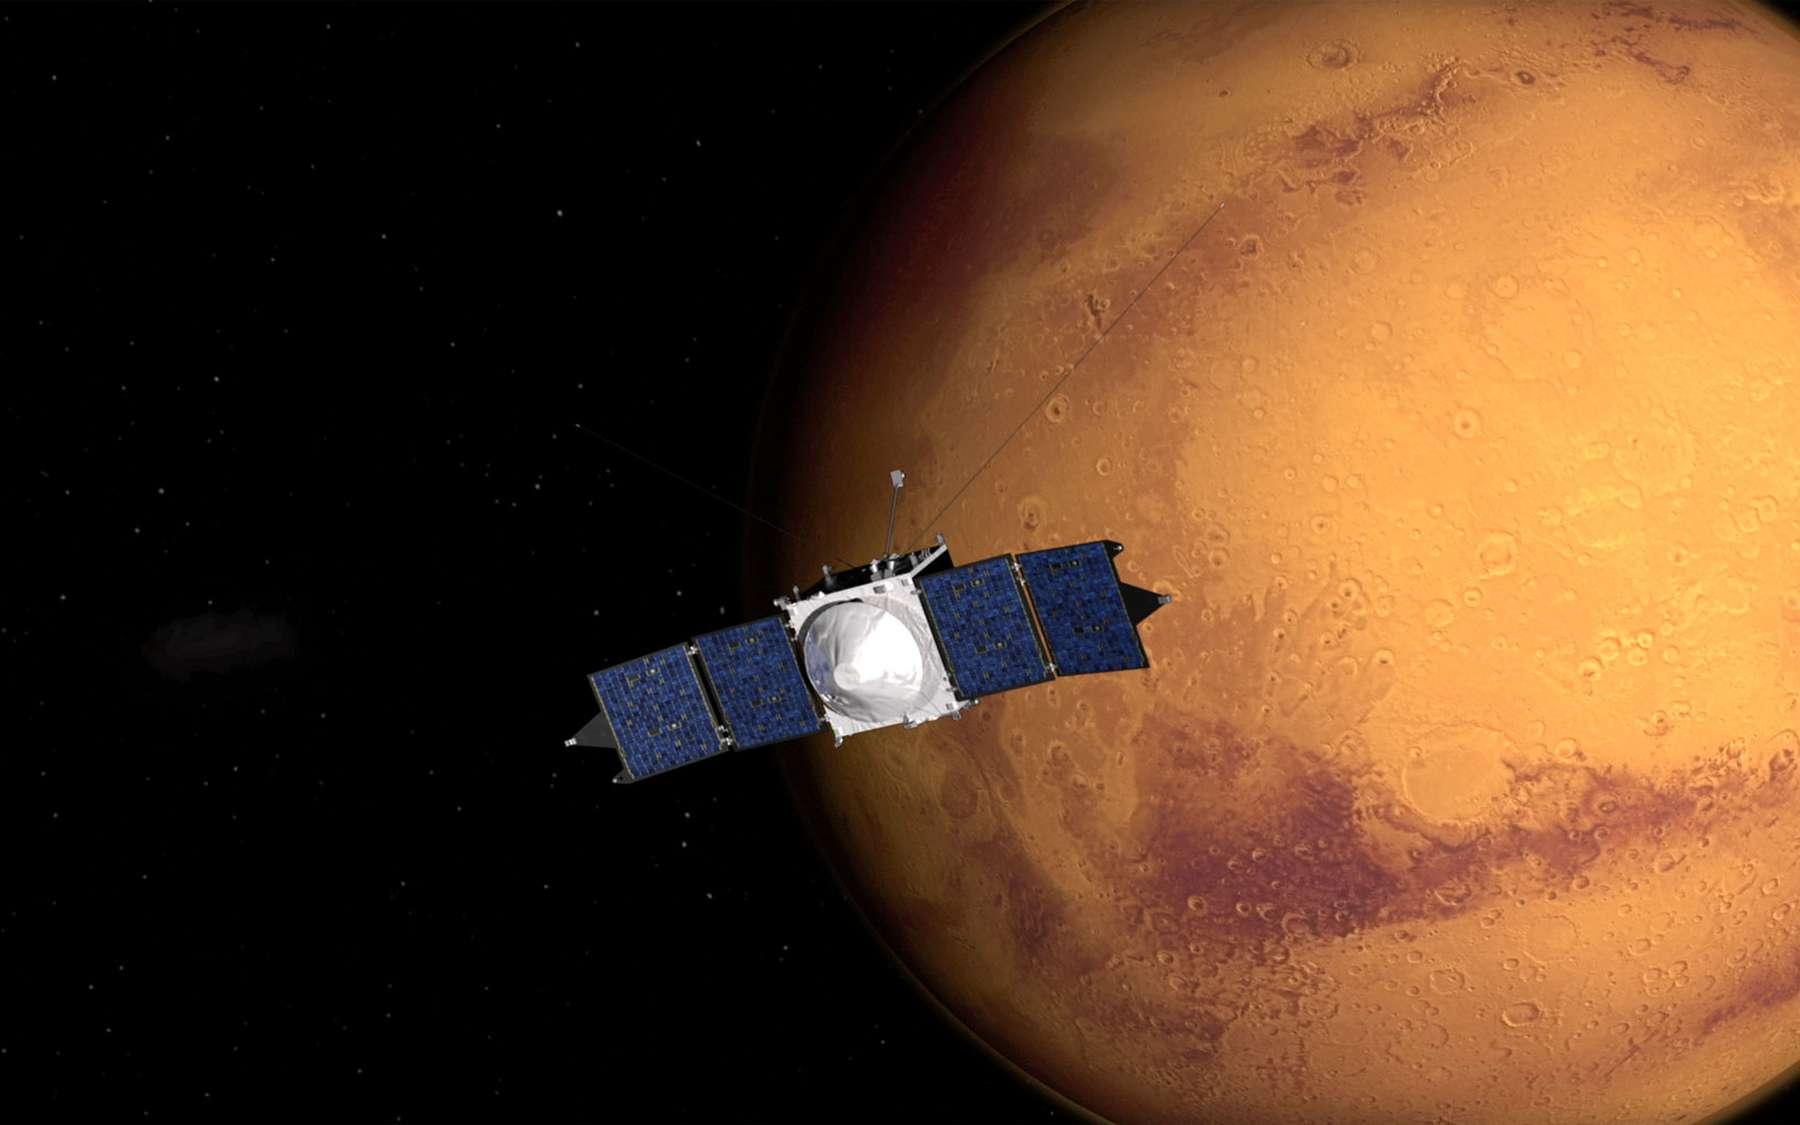 Construite par Lockheed Martin, autour de la même plateforme qui a servi aux sondes Mars Reconnaissance Orbiter (MRO) et Juno, Maven est une sonde de 11 mètres d'envergure qui emporte huit instruments. D'une masse au lancement de 2.550 kg, elle ne fera plus que 717 kg lorsqu'elle sera sur son orbite définitive autour de Mars. © Nasa, Centre Goddard Space Flight